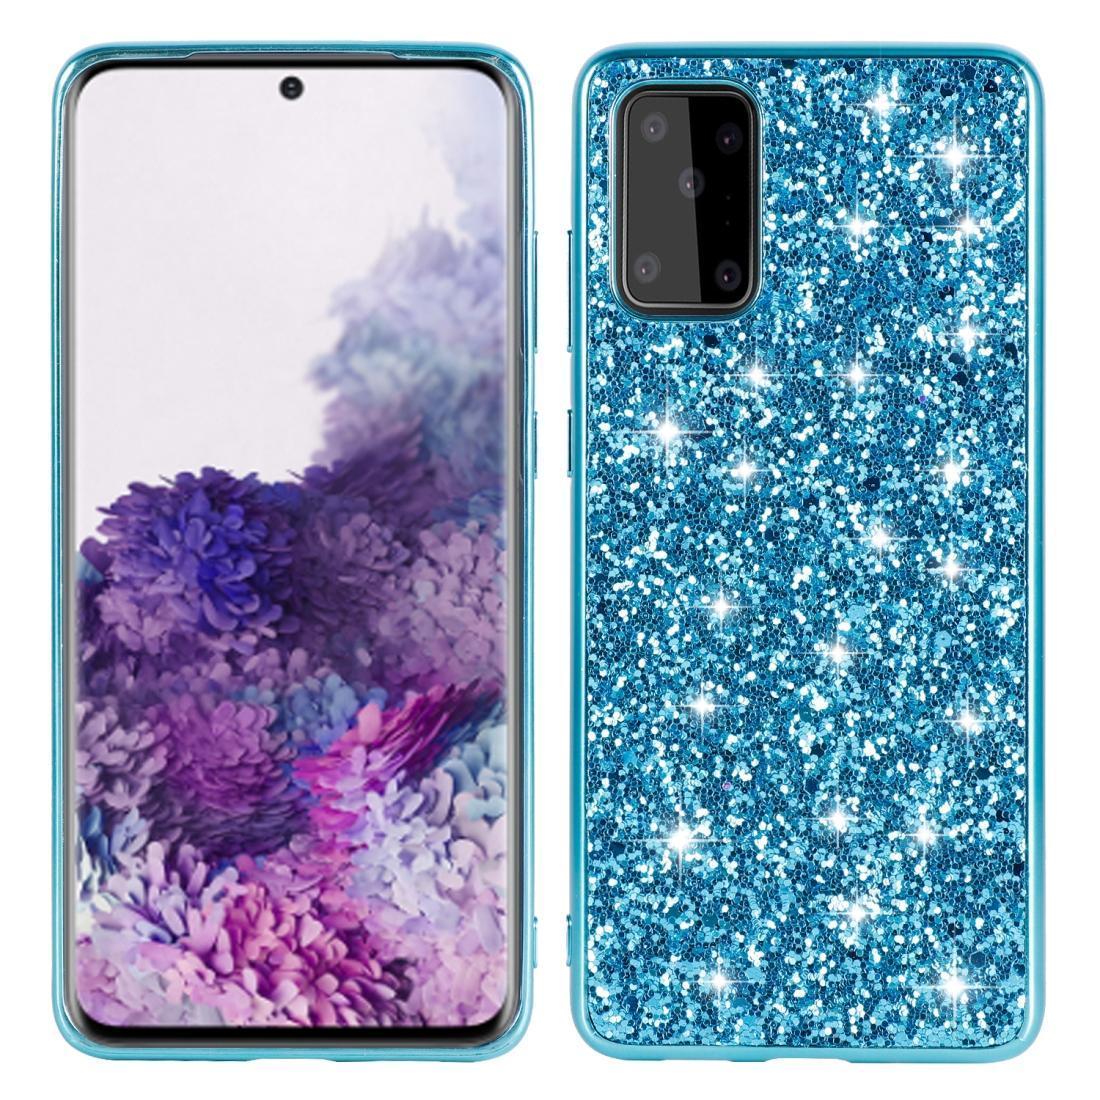 Для Galaxy S20 + покрытие Glittery порошок Противоударно ТПУ Защитный чехол